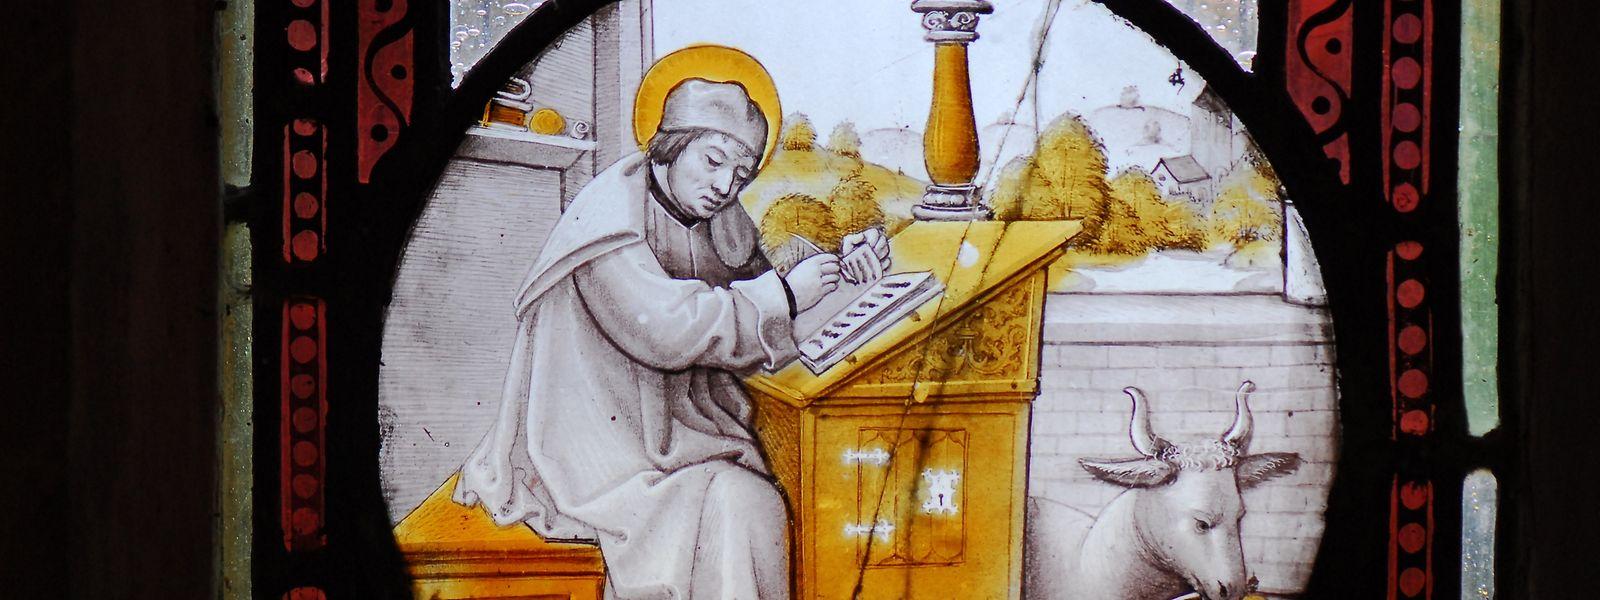 Der heilige Lukas, Evangelist und Arzt, im Dienst der sozial Schwachen.